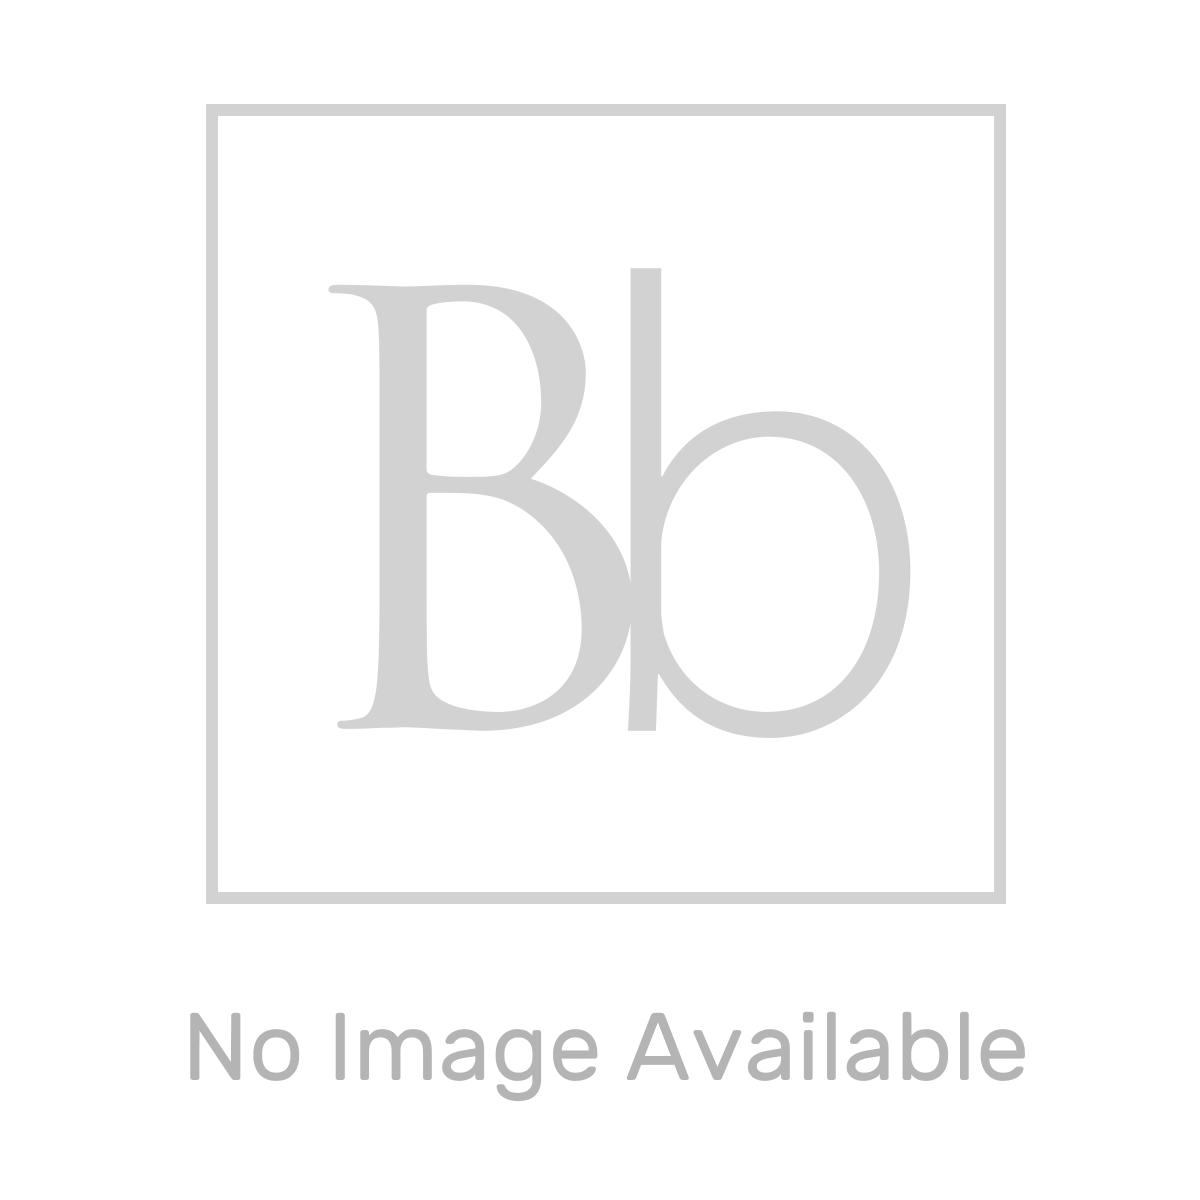 Frontline Vibe Black Single Concealed Shower Valve with Diverter